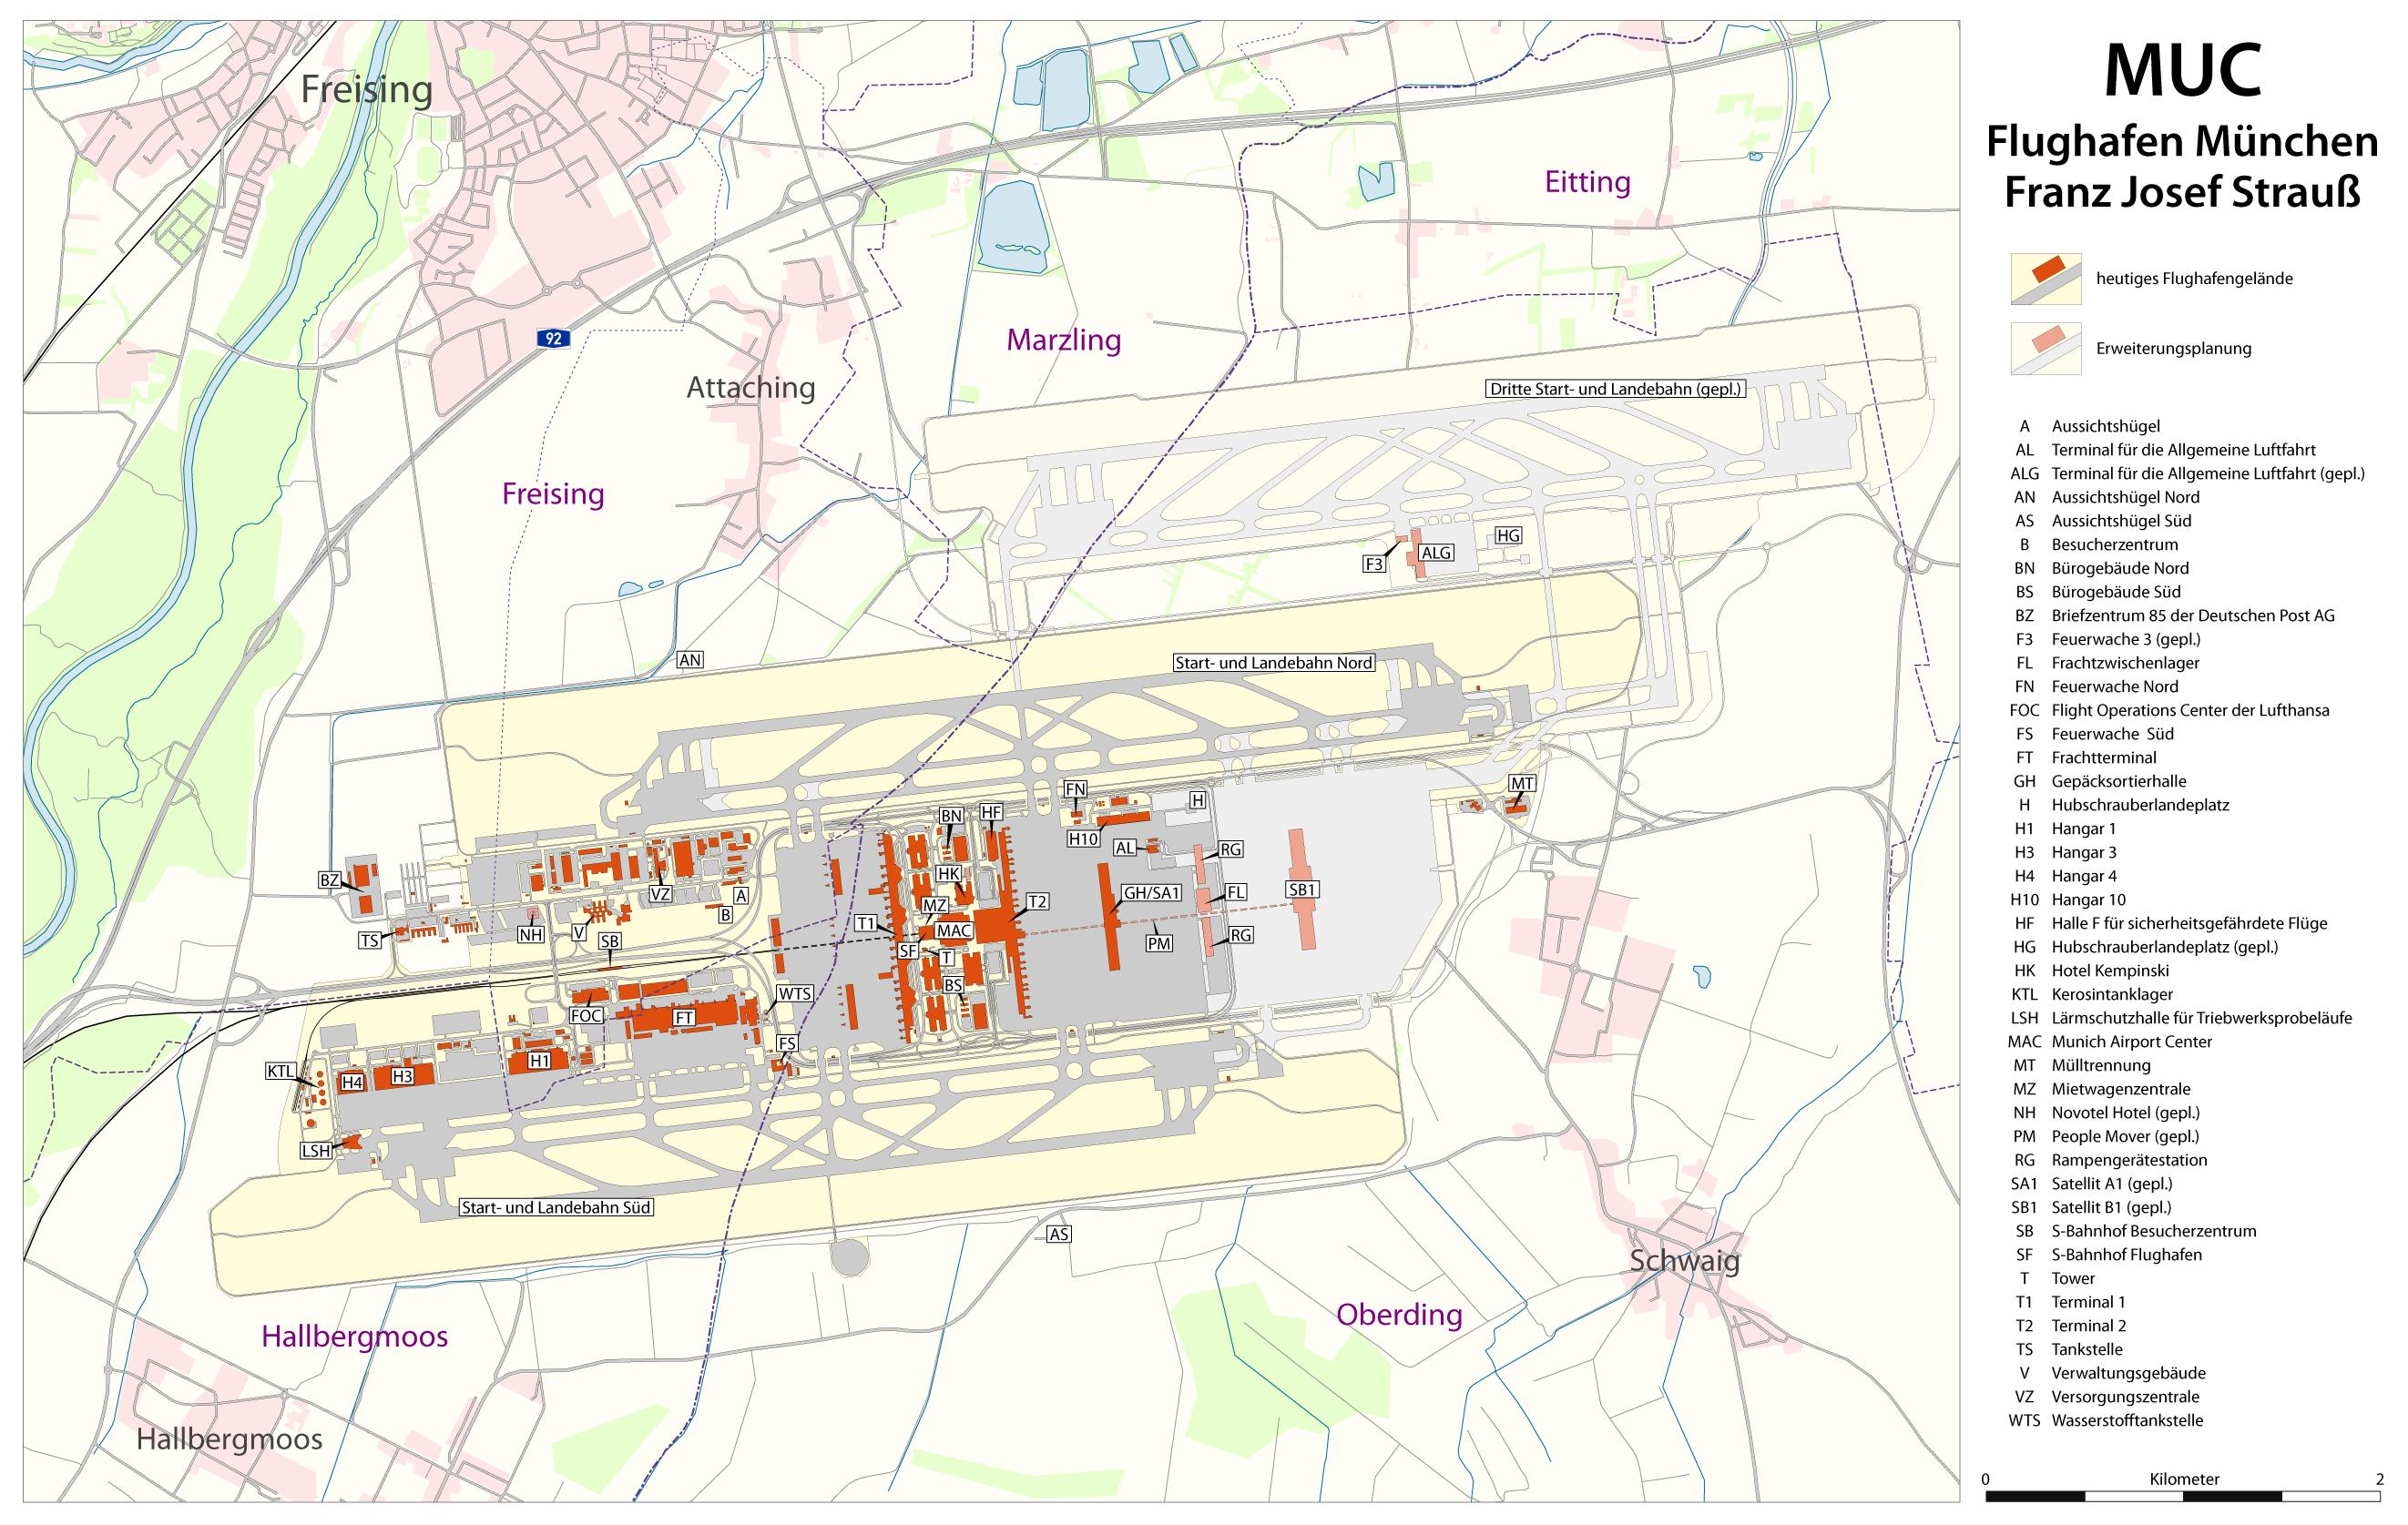 Karte des Flughafens mit Ausbauplanungen August 2009